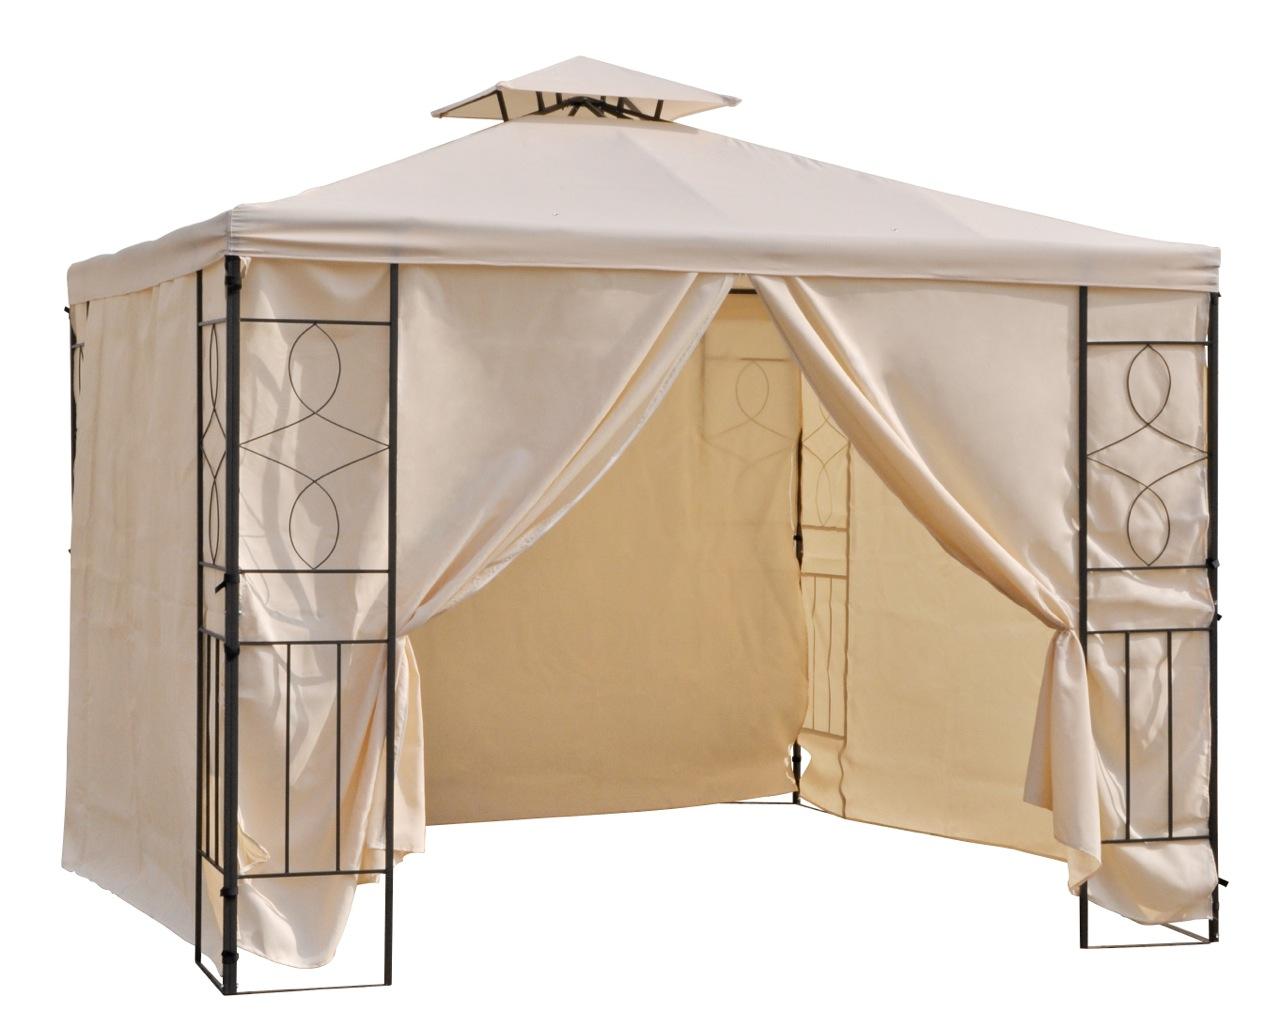 4 seitenteile seiten teile seitenw nde f r 3x3 metall pavillion pavillon beige ebay. Black Bedroom Furniture Sets. Home Design Ideas